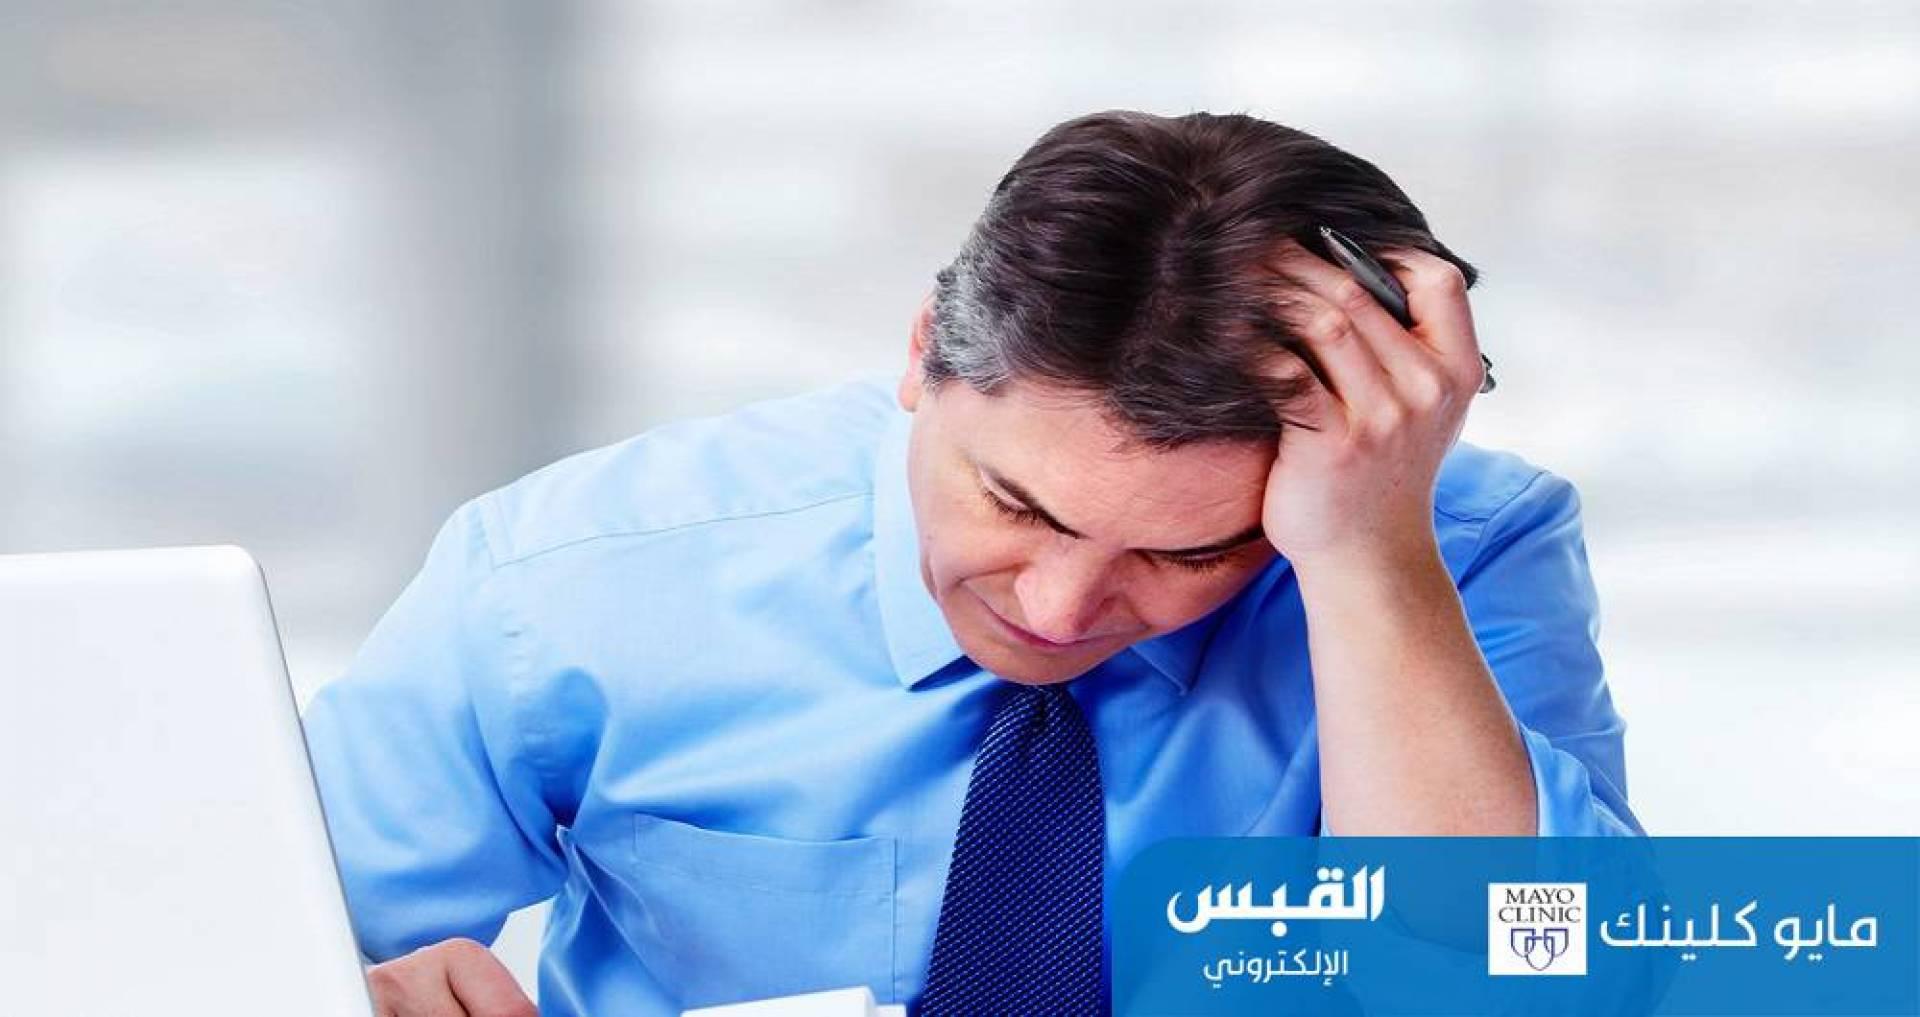 الضغط النفسي المزمن.. قد يصيبك بالاكتئاب